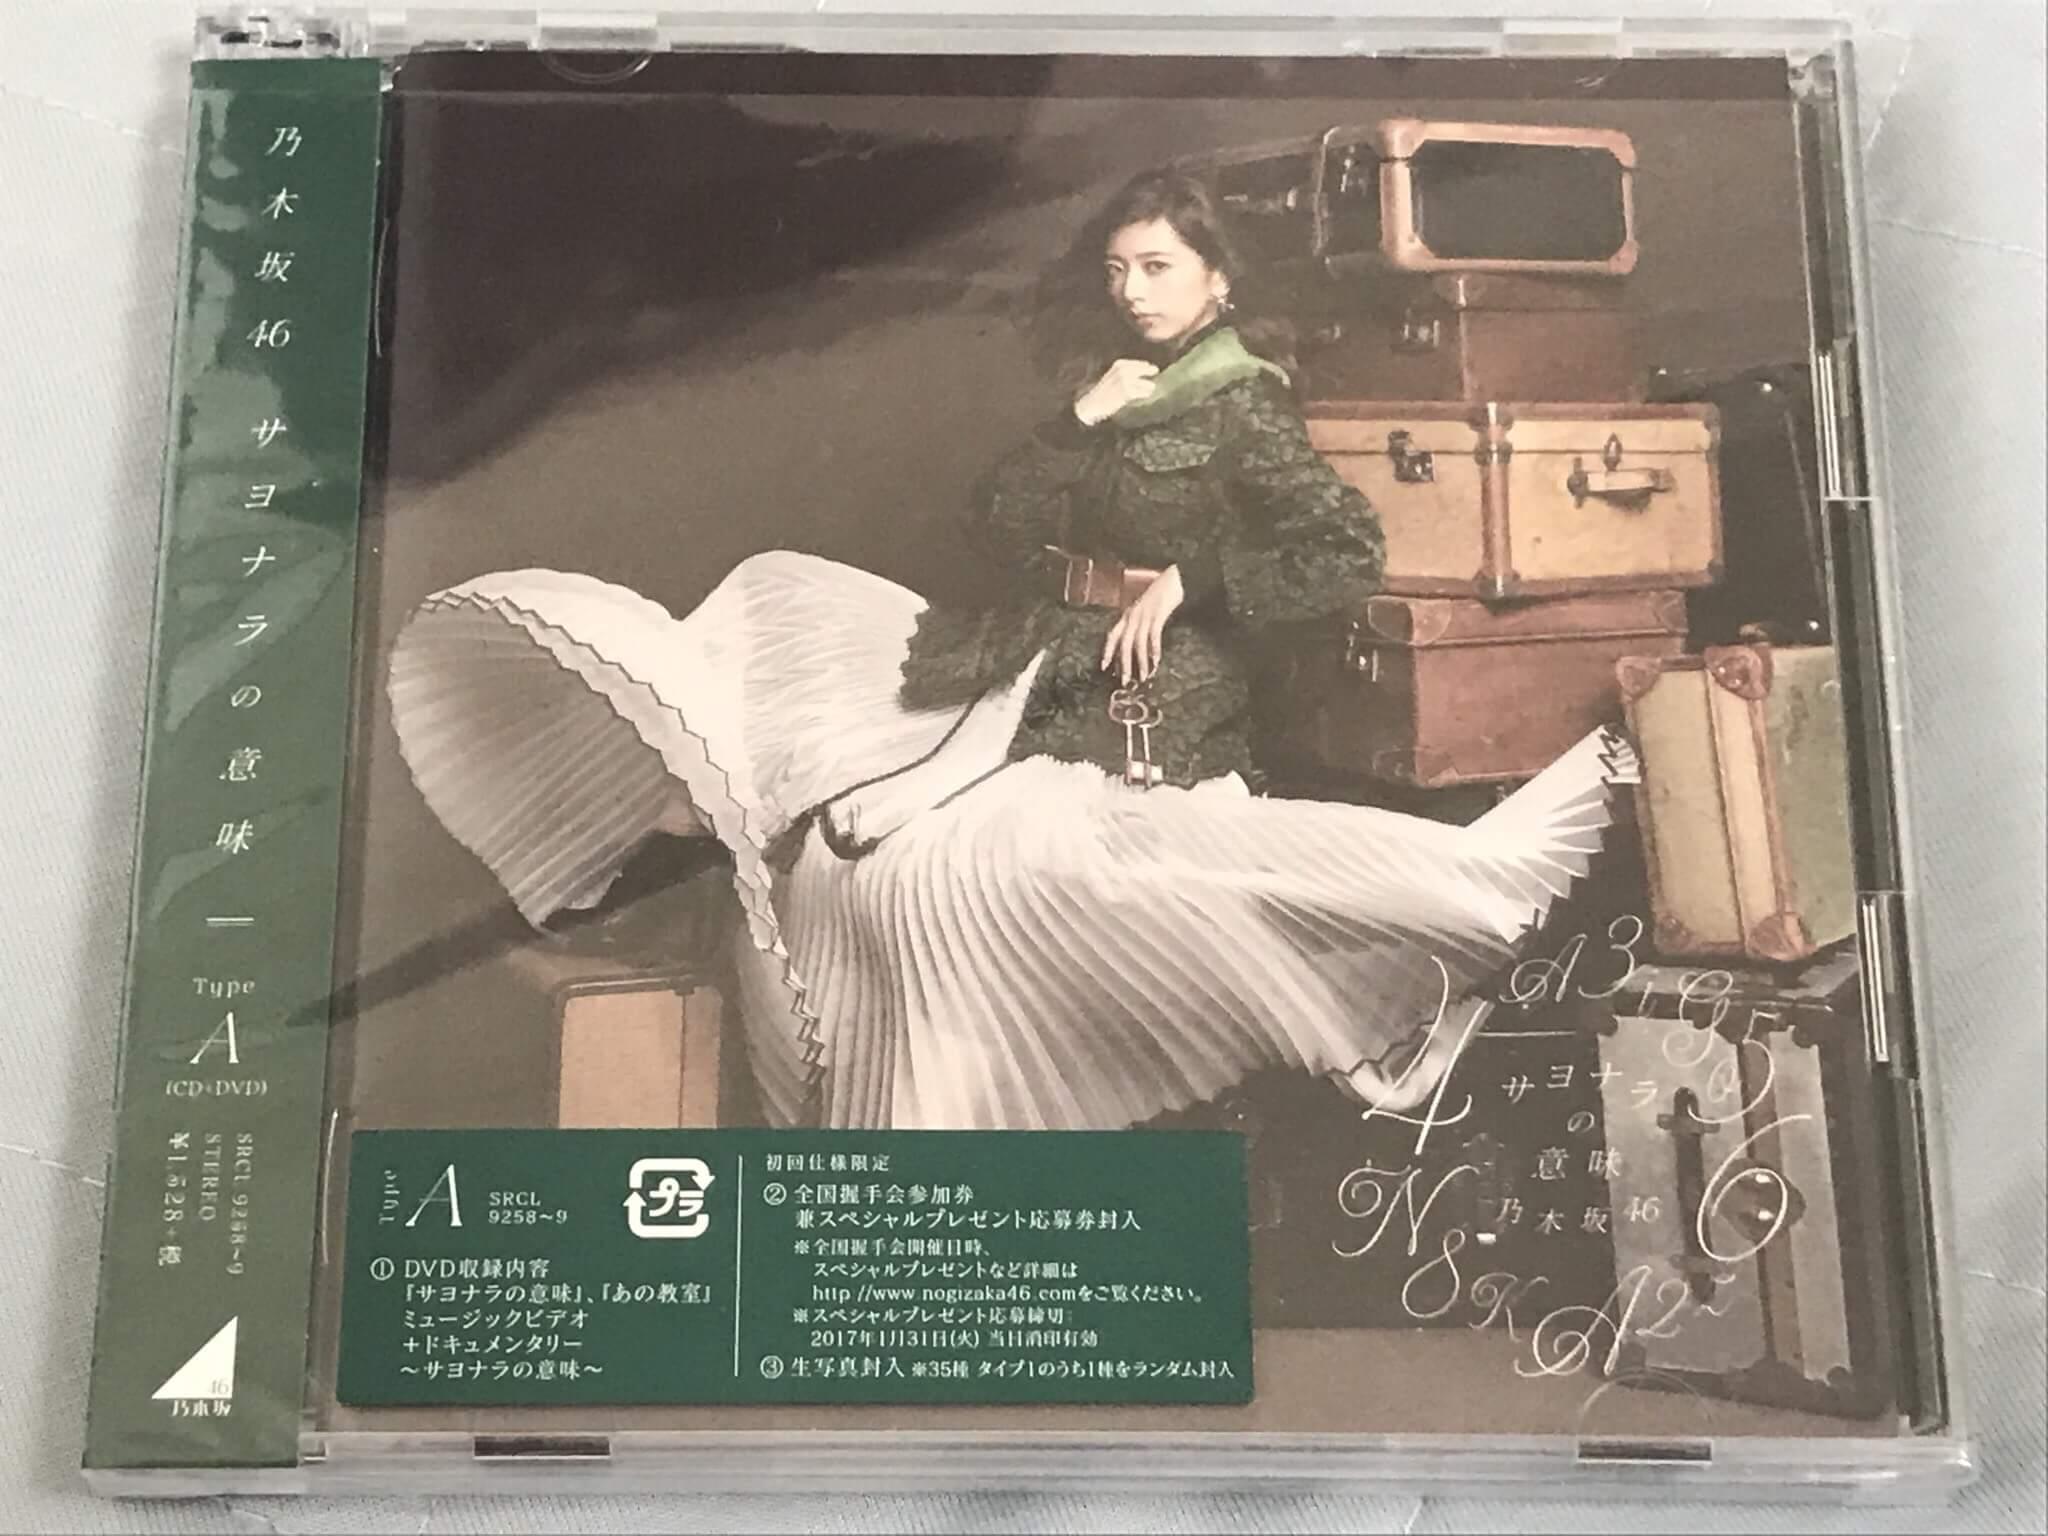 16thシングル「サヨナラの意味」のすべて!収録曲や特典映像、MV、フォーメーション情報などを紹介!